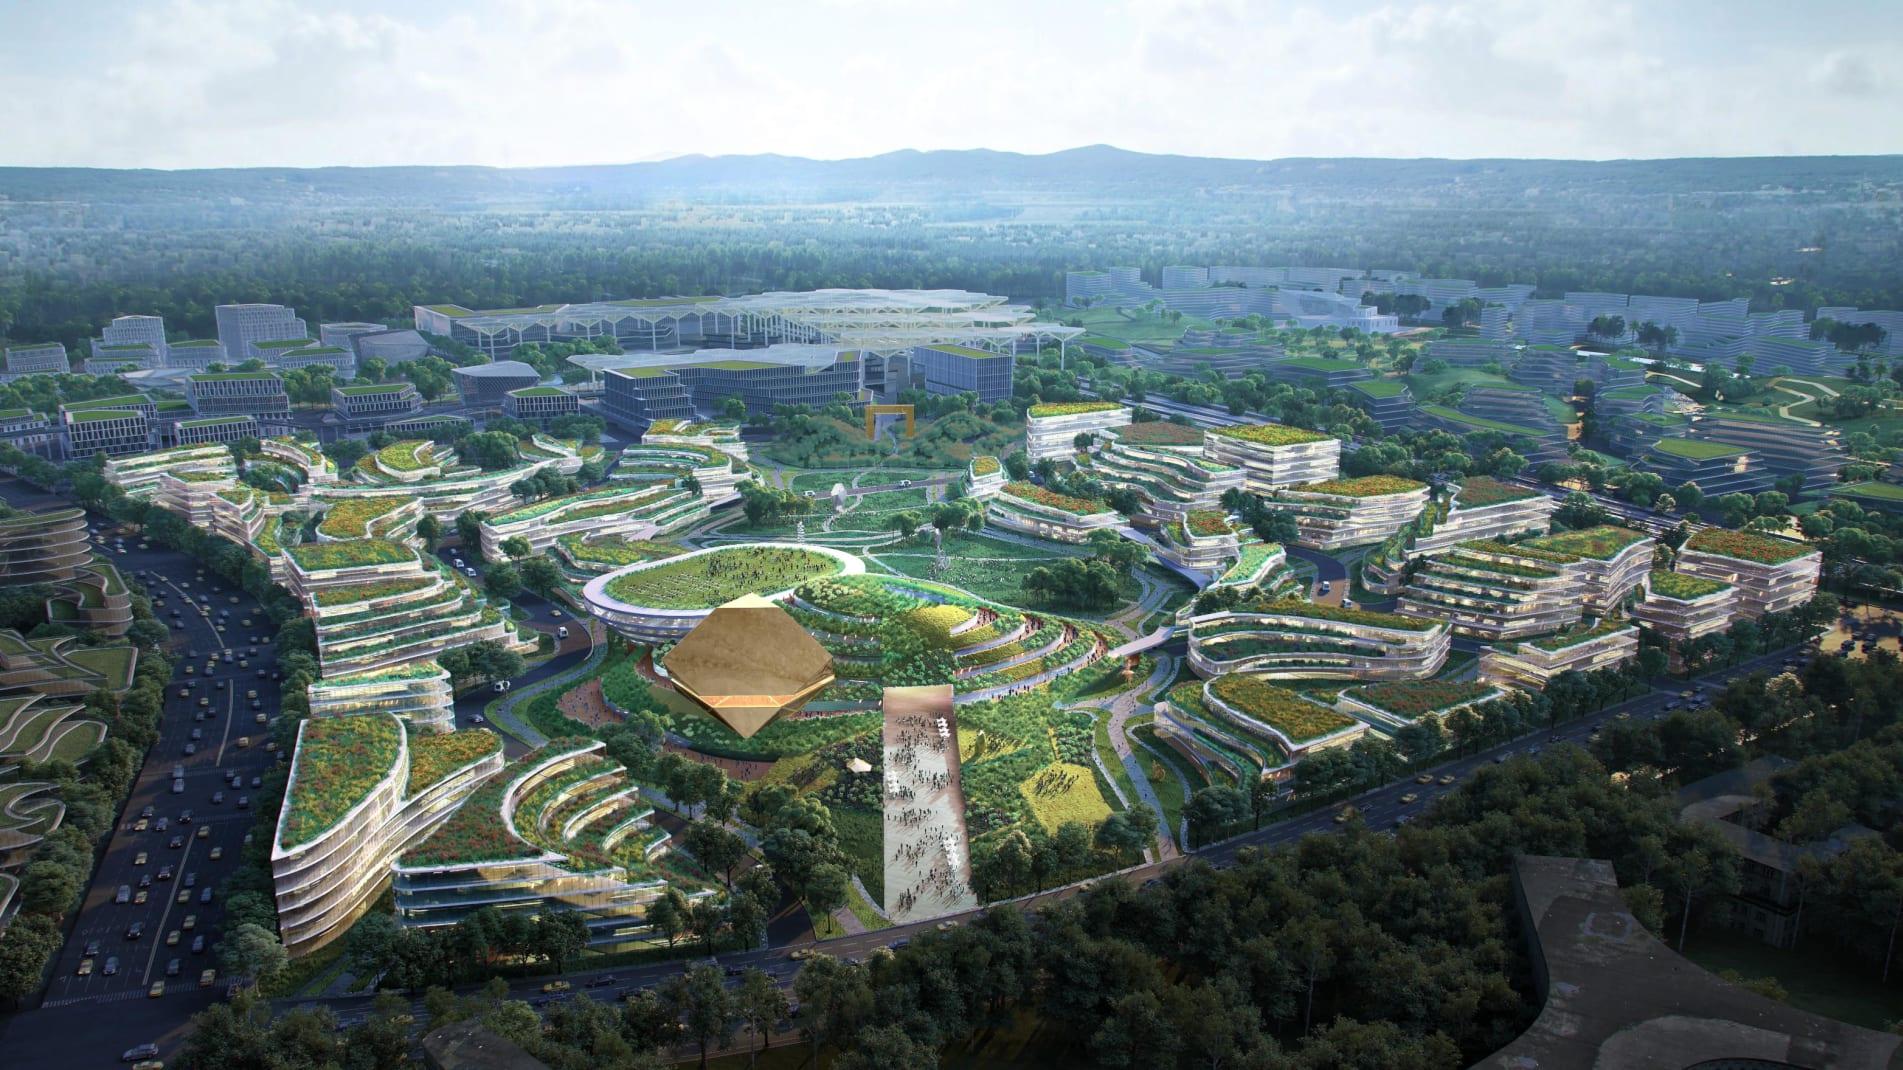 Αναδύεται μία νέα πόλη του μέλλοντος που συνδυάζει τεχνολογία και φύση